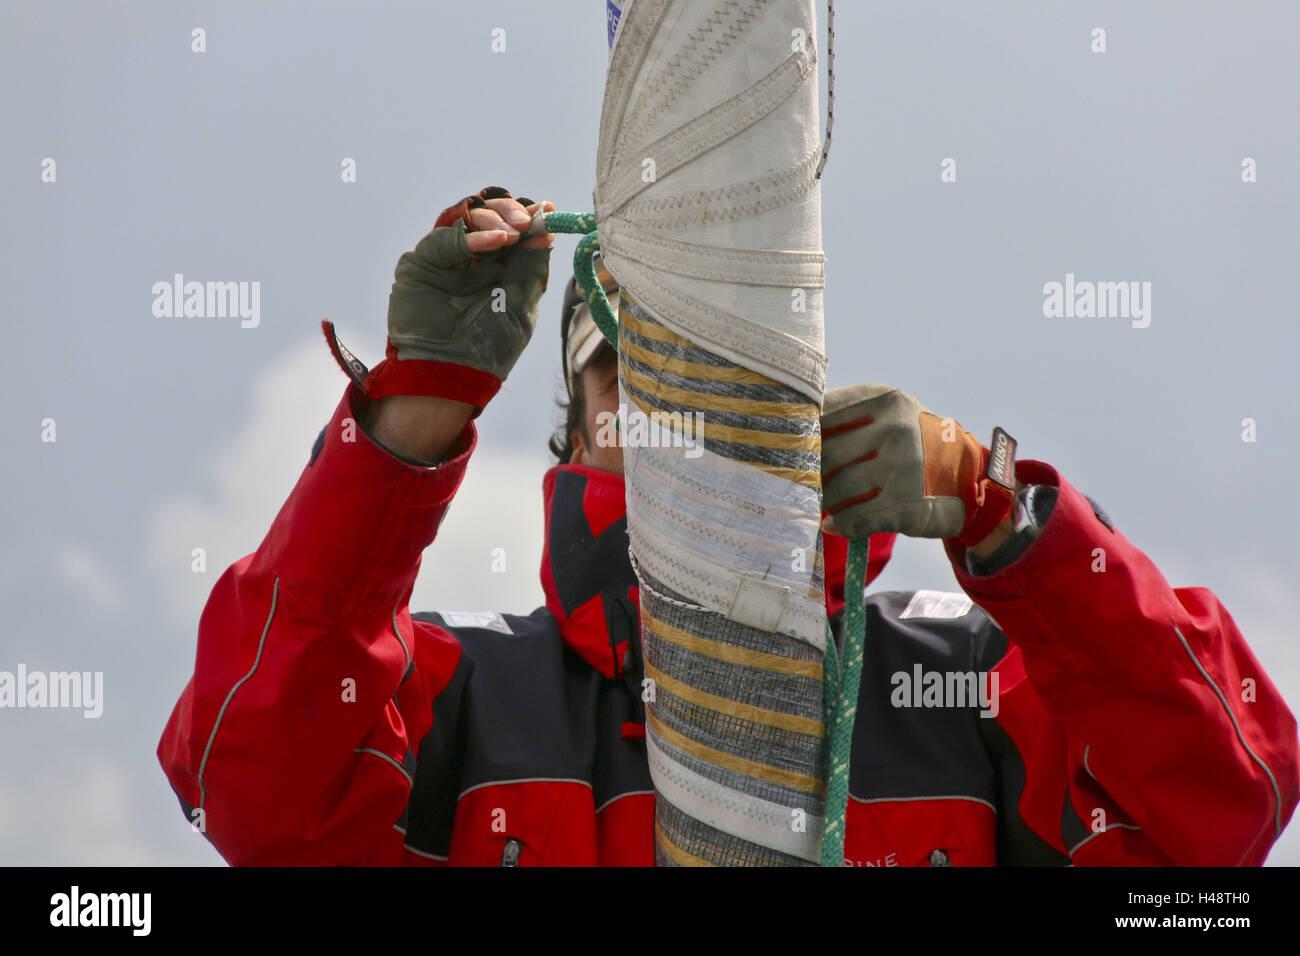 Sailboats, man, head sail, detail, - Stock Image